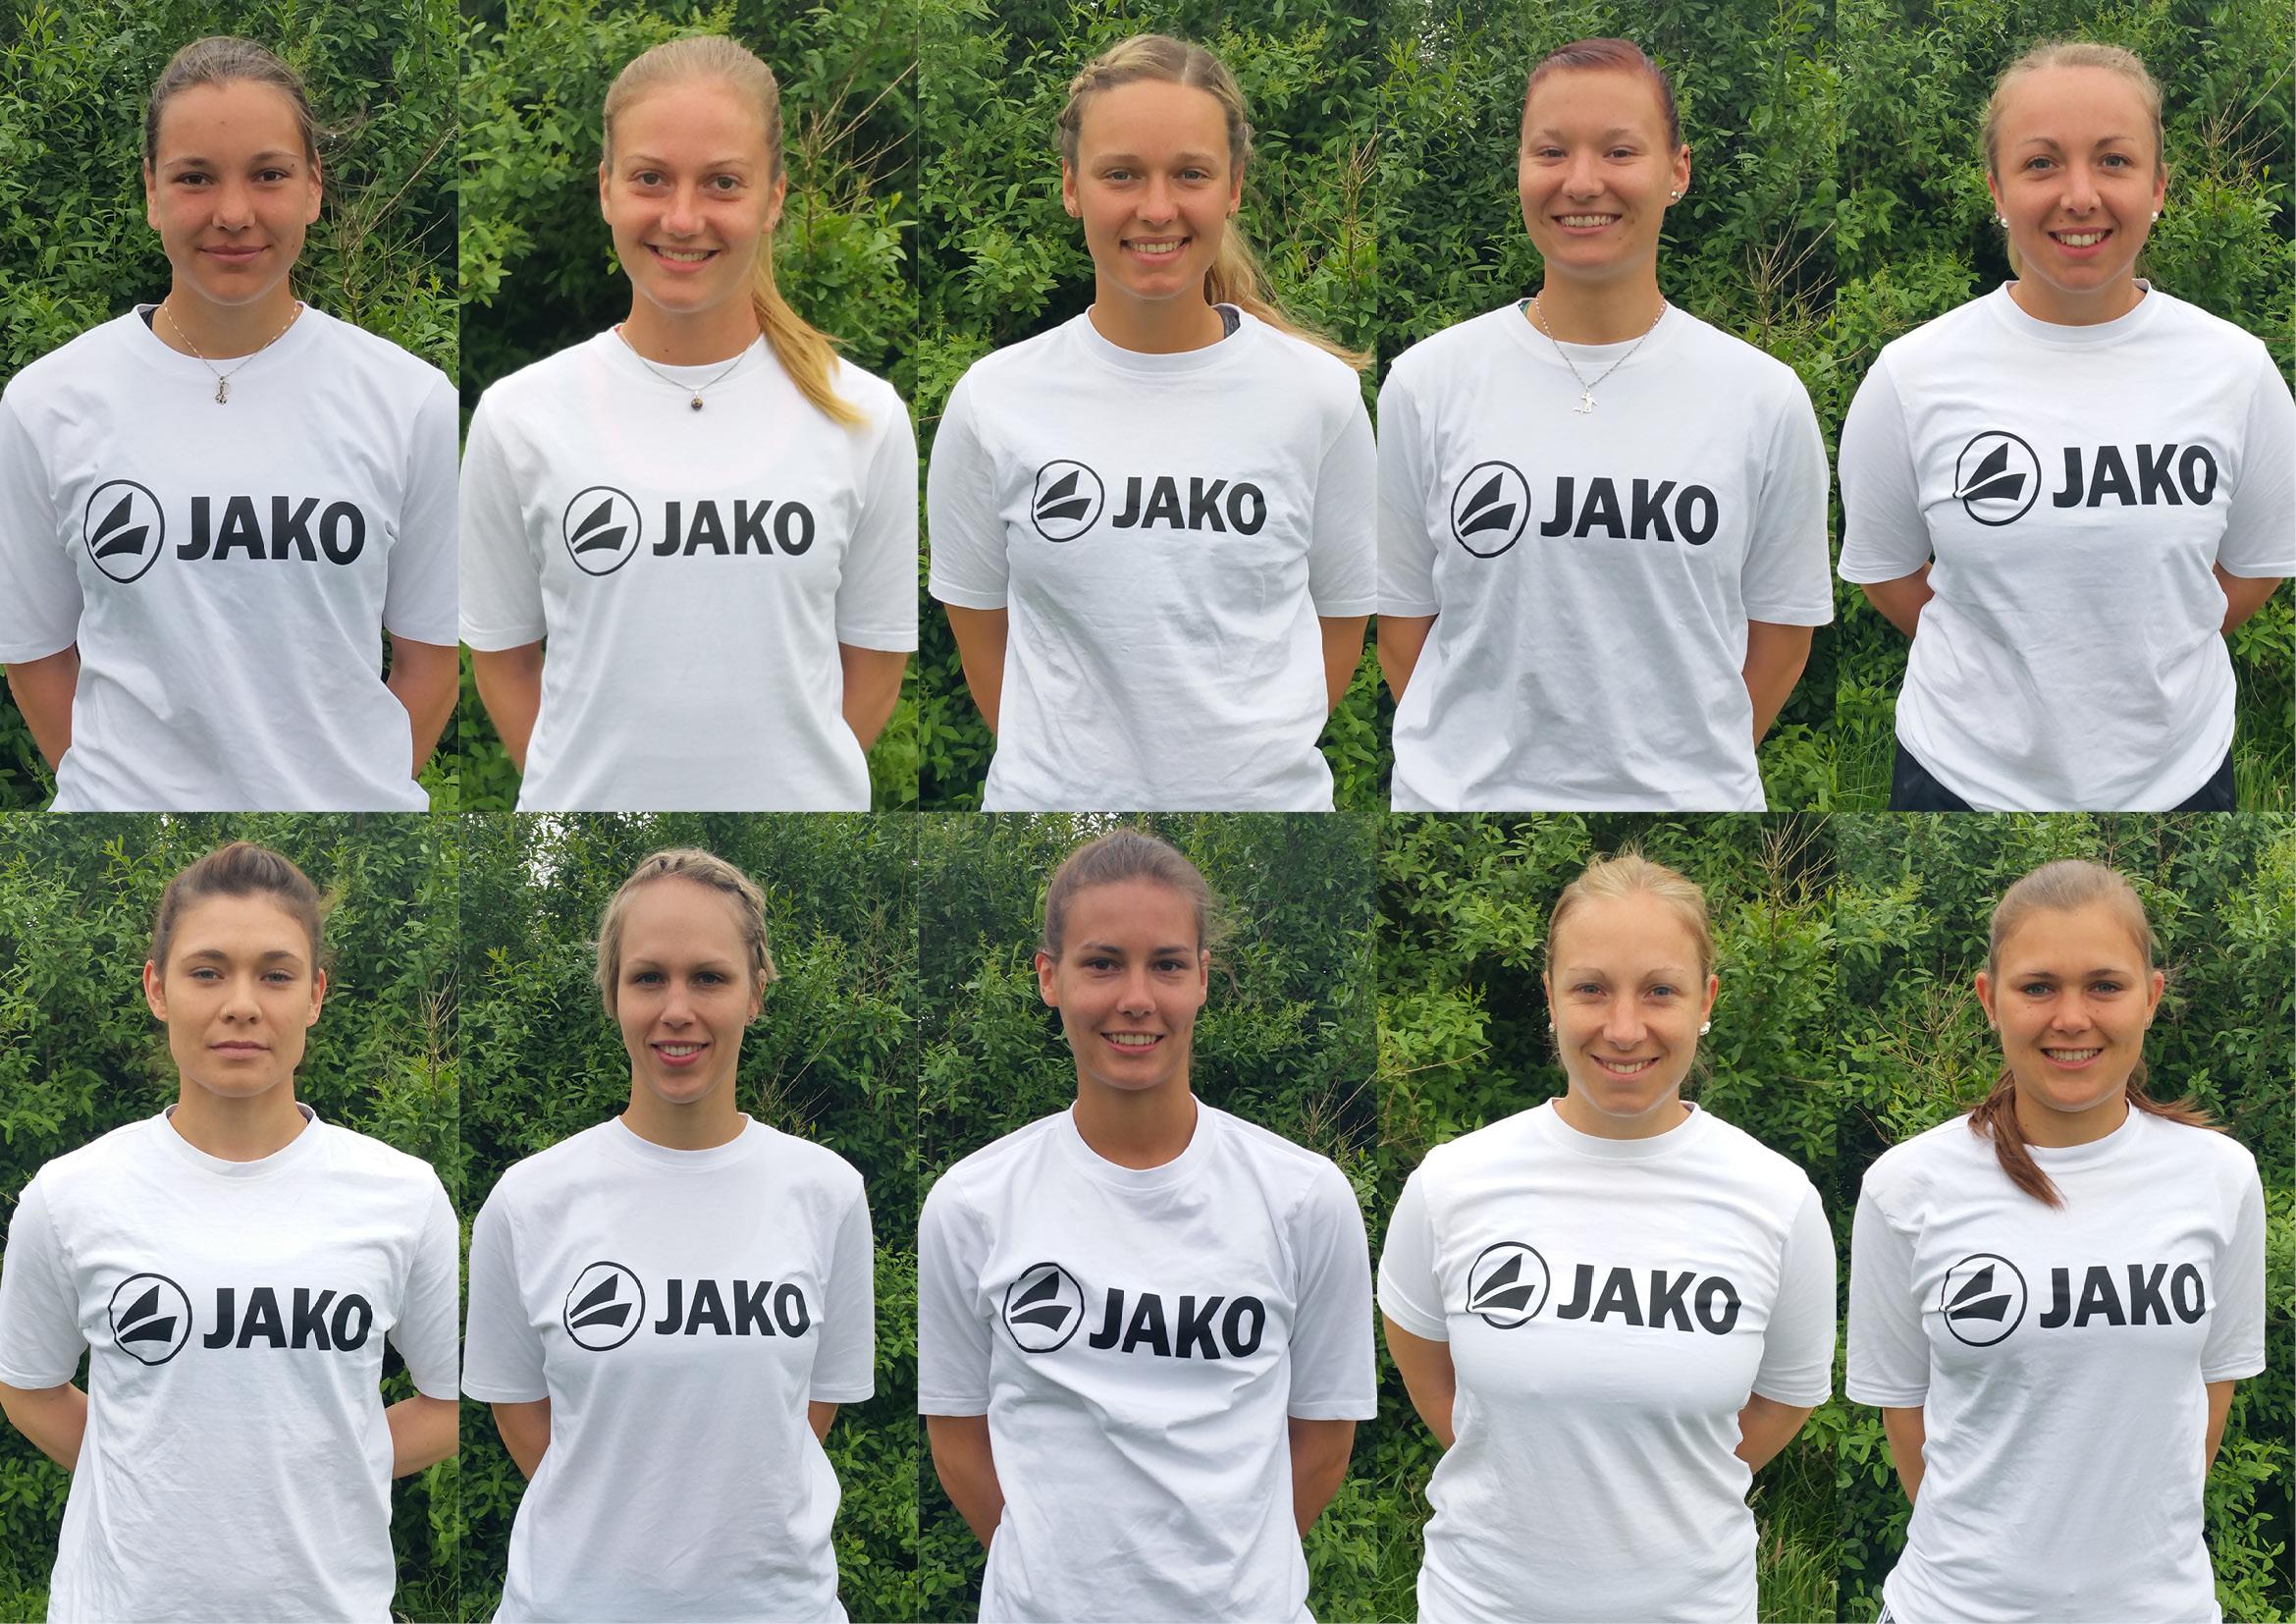 Team Deutschland: Oben, v. l. Pia Neuefeind, Hinrike Seitz, Sophia Scheidt, Aniko Müller, Anna-Lisa Aldinger. Unten v. l.: Stephanie Dannecker, Sonja Pfrommer, Theresa Schröder, Annkatrin Aldinger, Annika Bösch.